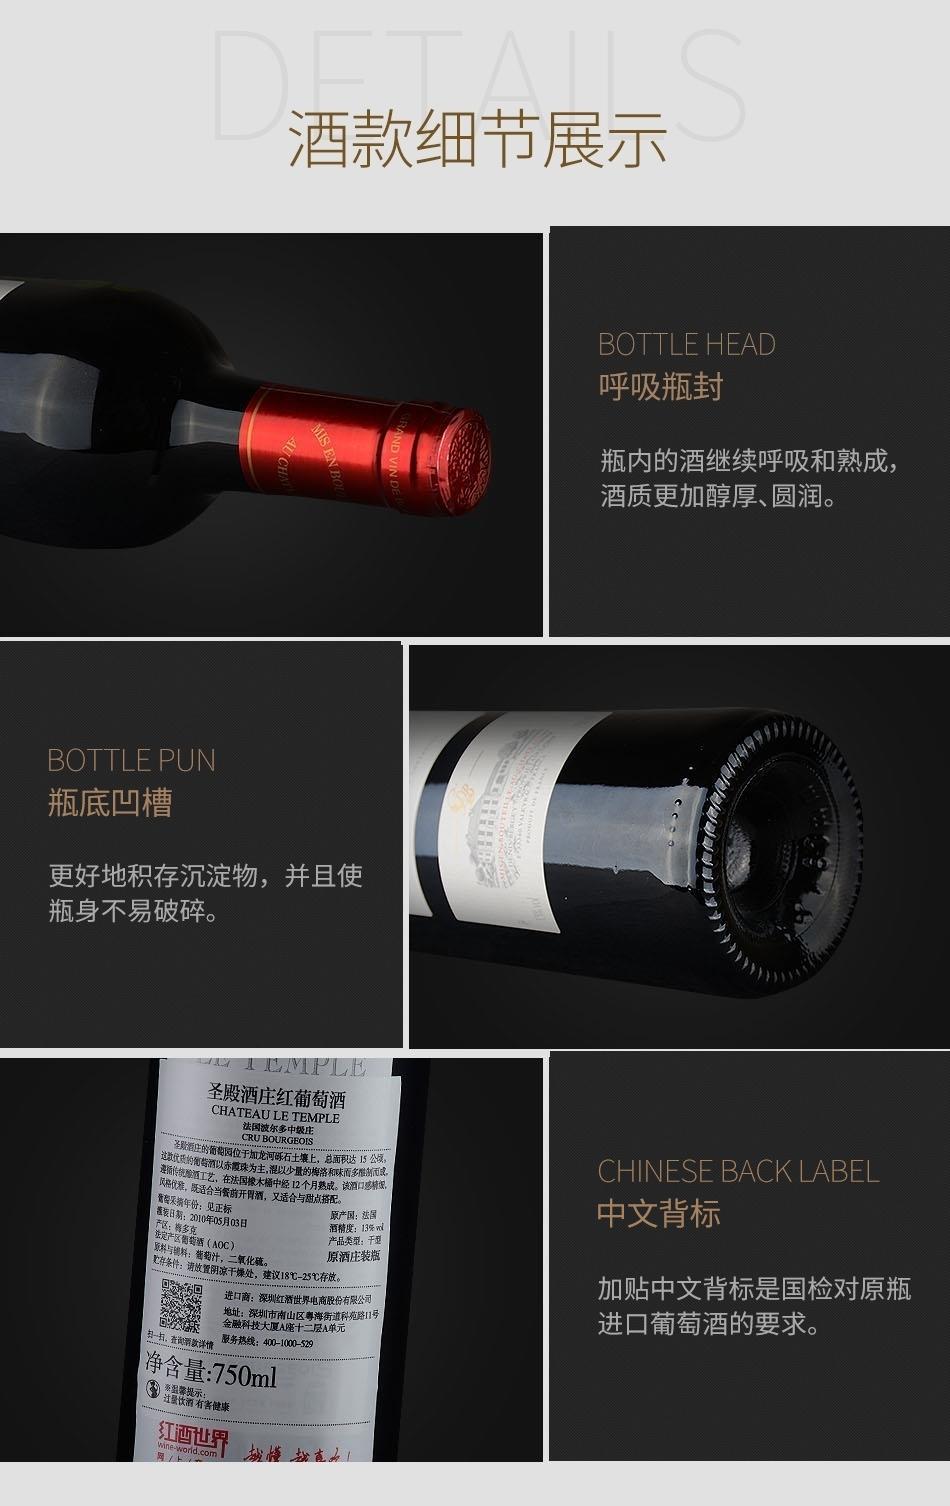 2008年圣殿酒庄红葡萄酒_04